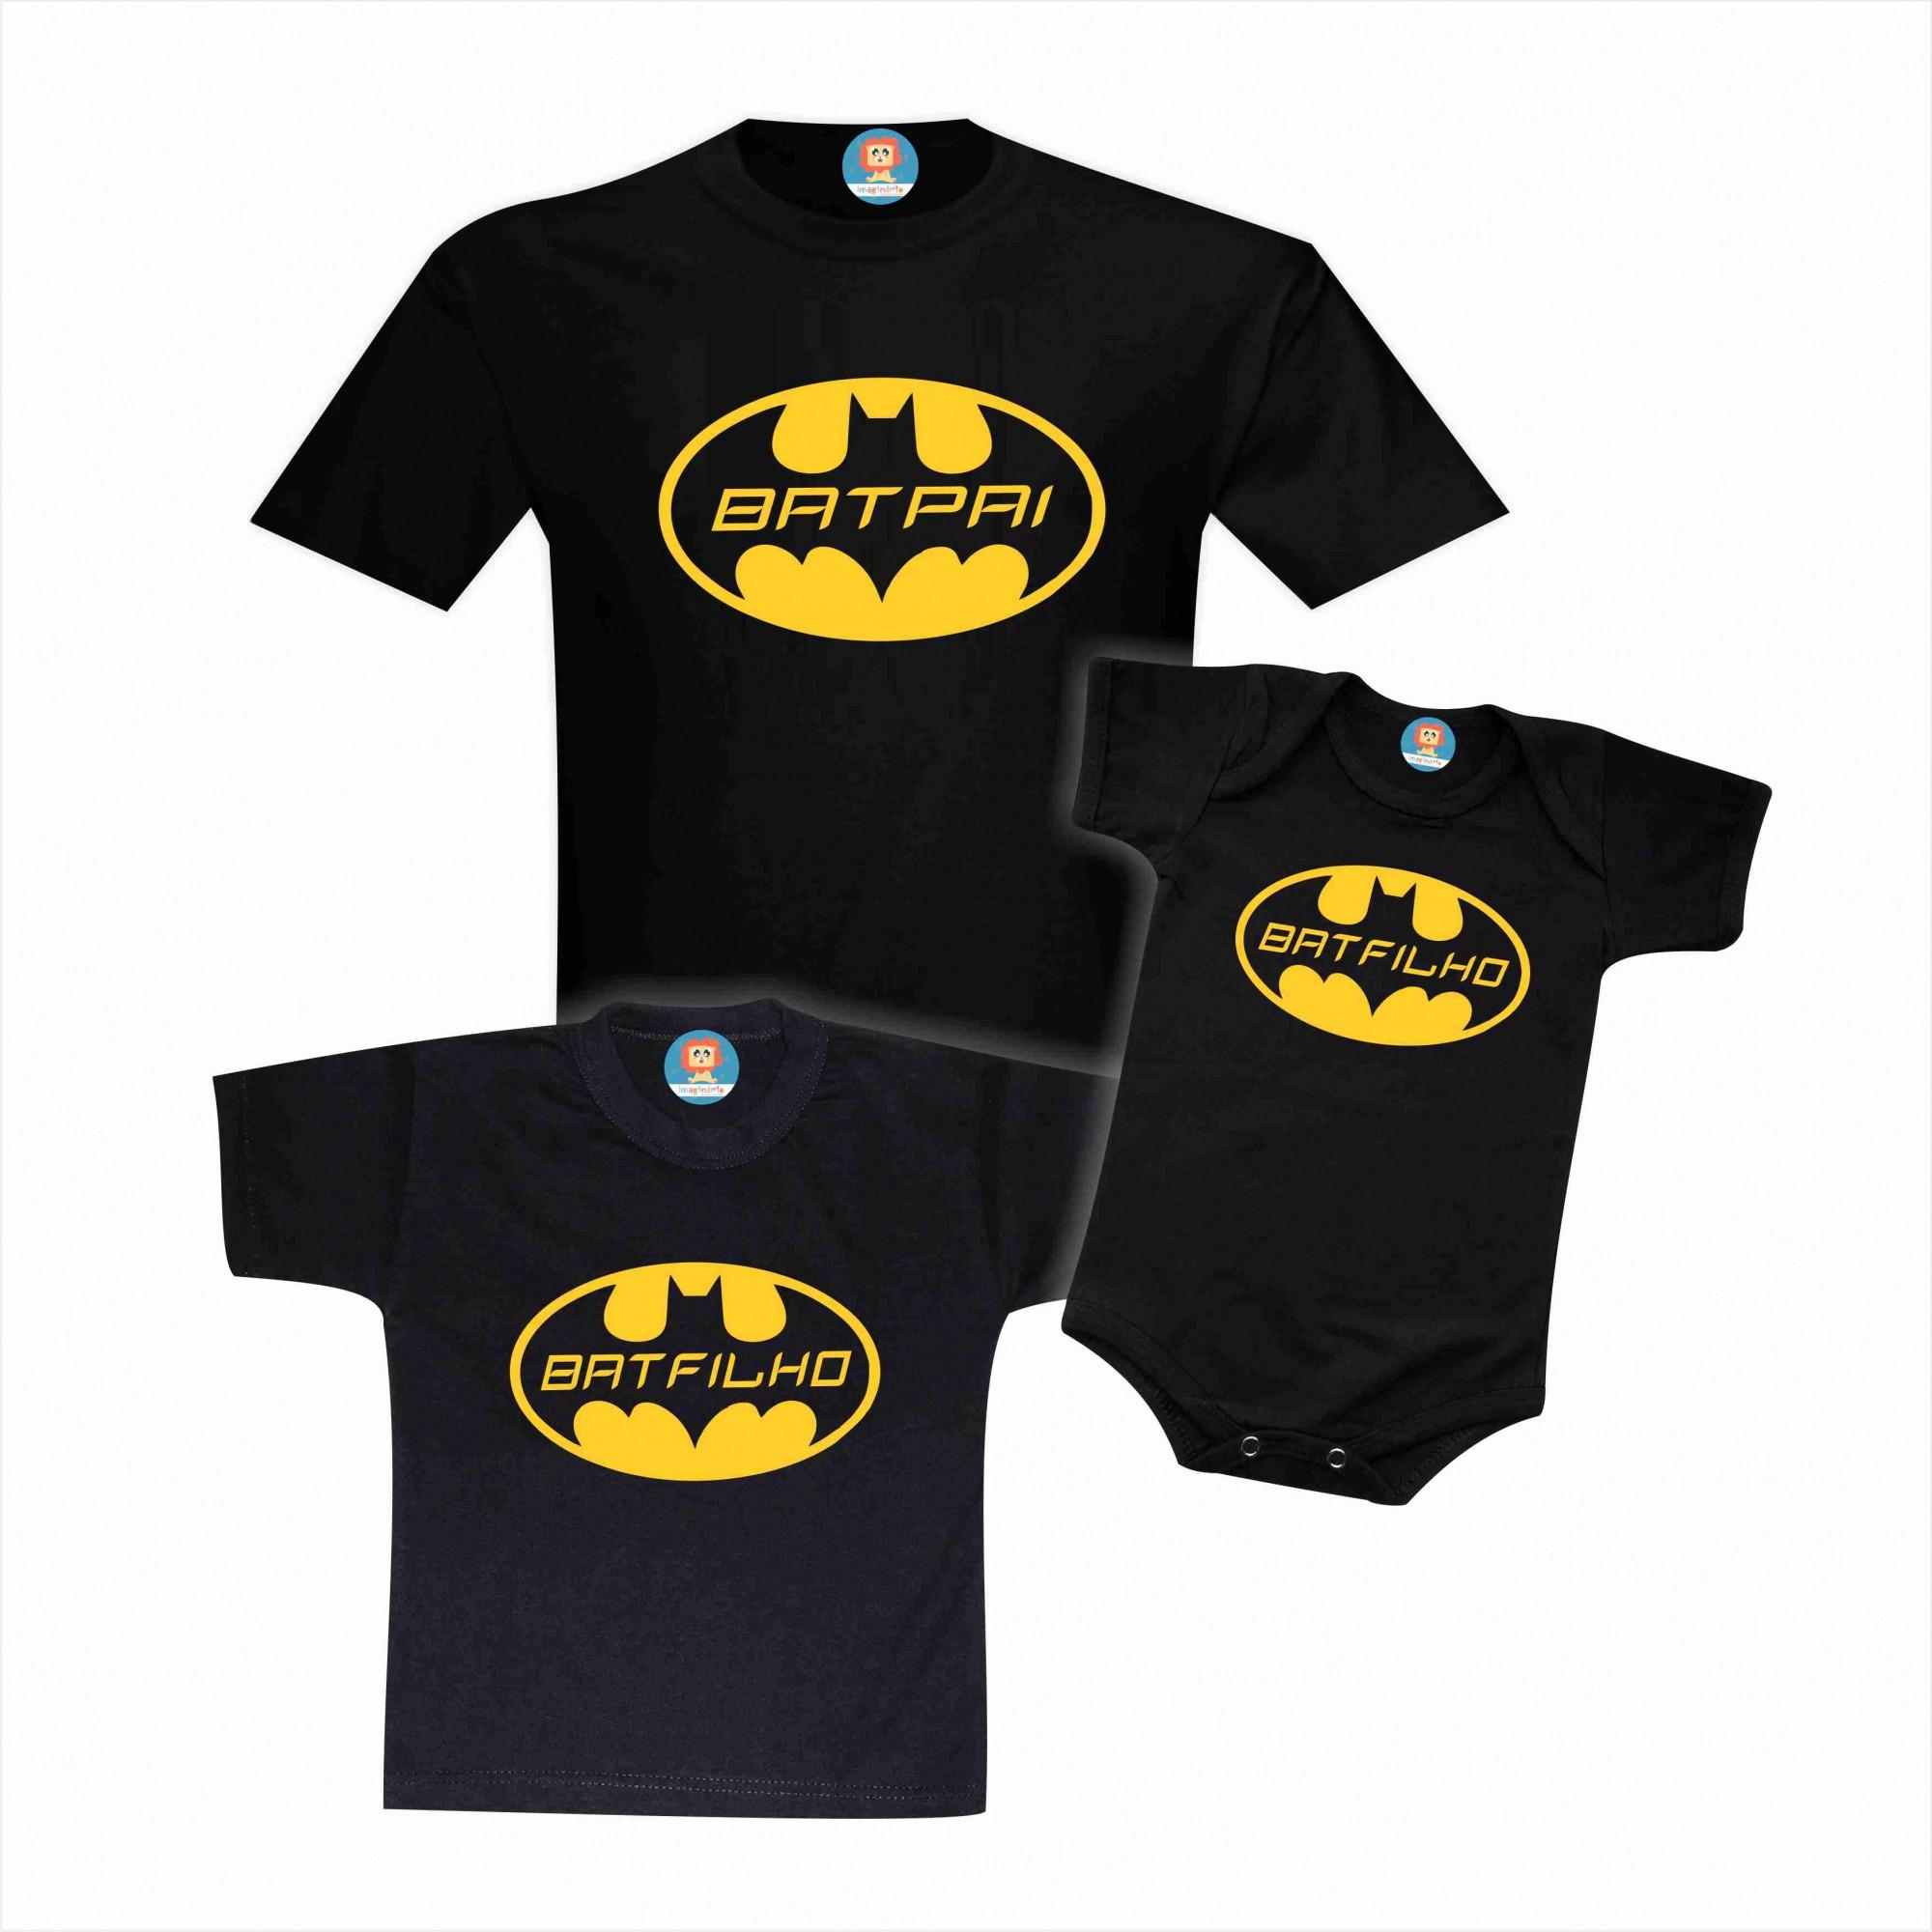 Kit Camisetas e Body BatPai BatFilho Batman Tal Pai e Filho Dia dos Pais